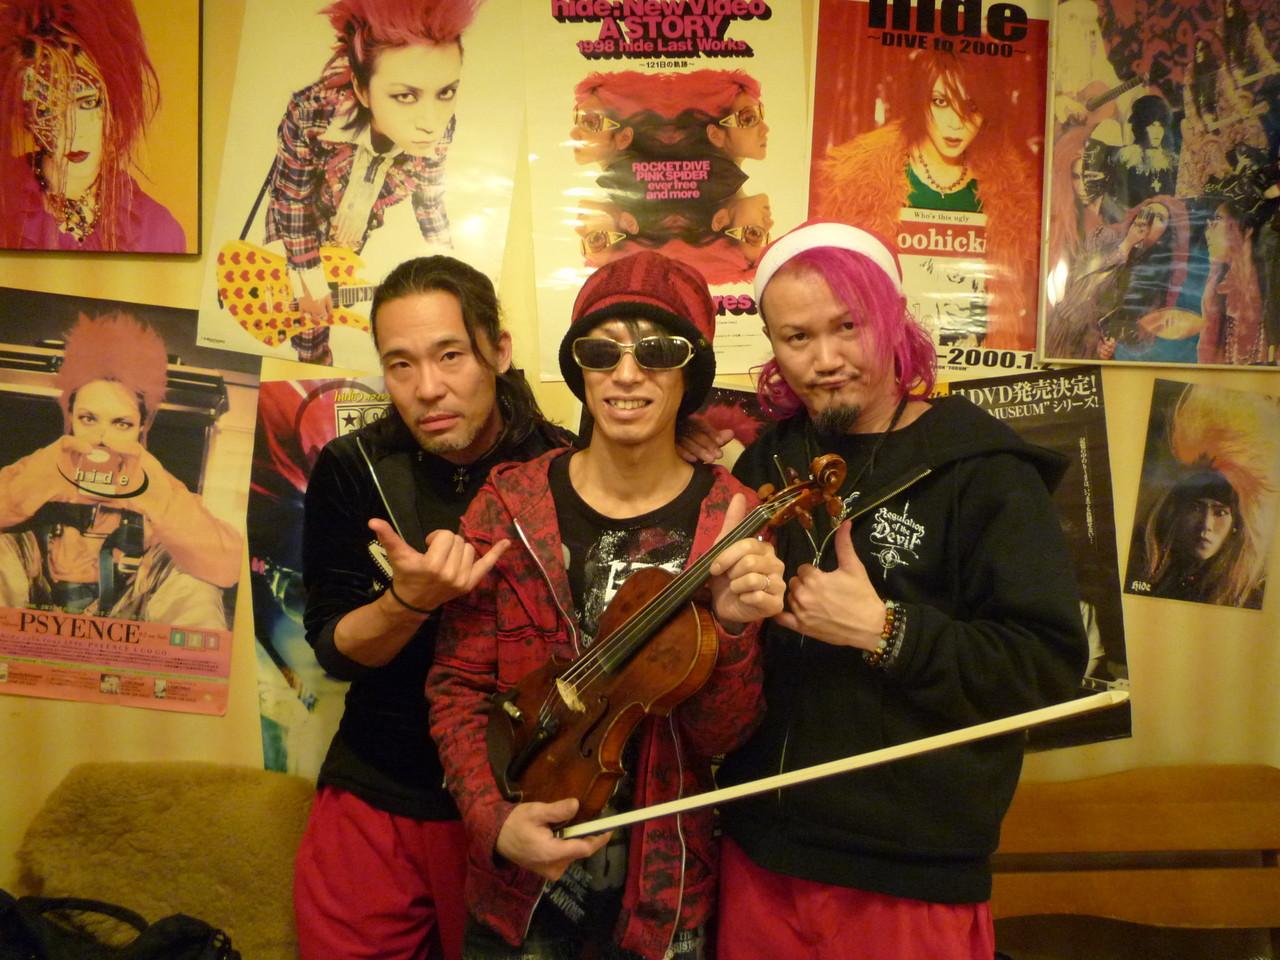 ライヴ終了後♪ Chirolynさん、Ryojiさんと記念写真☆一緒にセッションしてくださり本当にありがとうございました!